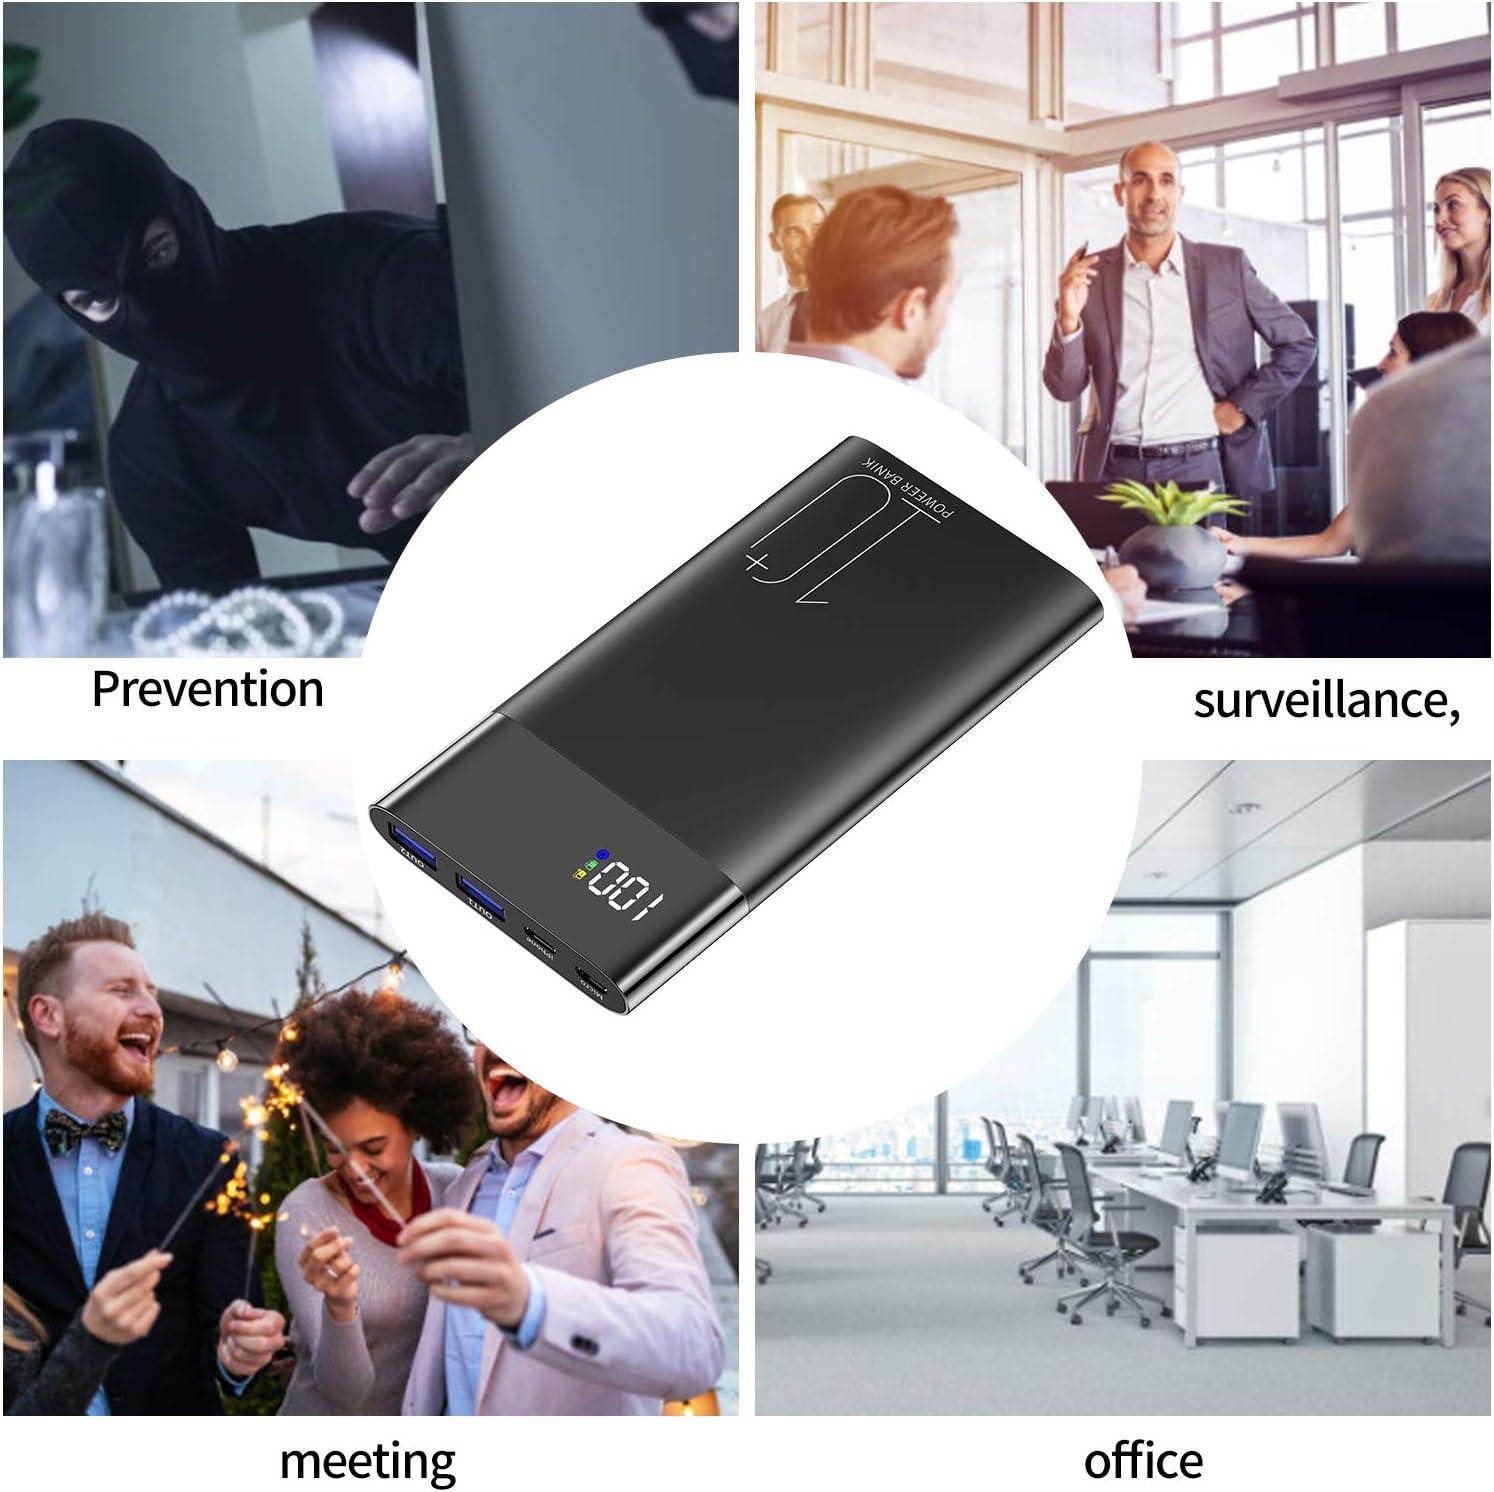 FiveSky HD 4K Cam/éra espion cach/ée Wifi Mini DV D/étection de mouvement de vision nocturne /à distance R/éel Time Vid/éo 1200 m/égapixels Power Bank 10000 mAh Appareil photo compact portable pour la maison